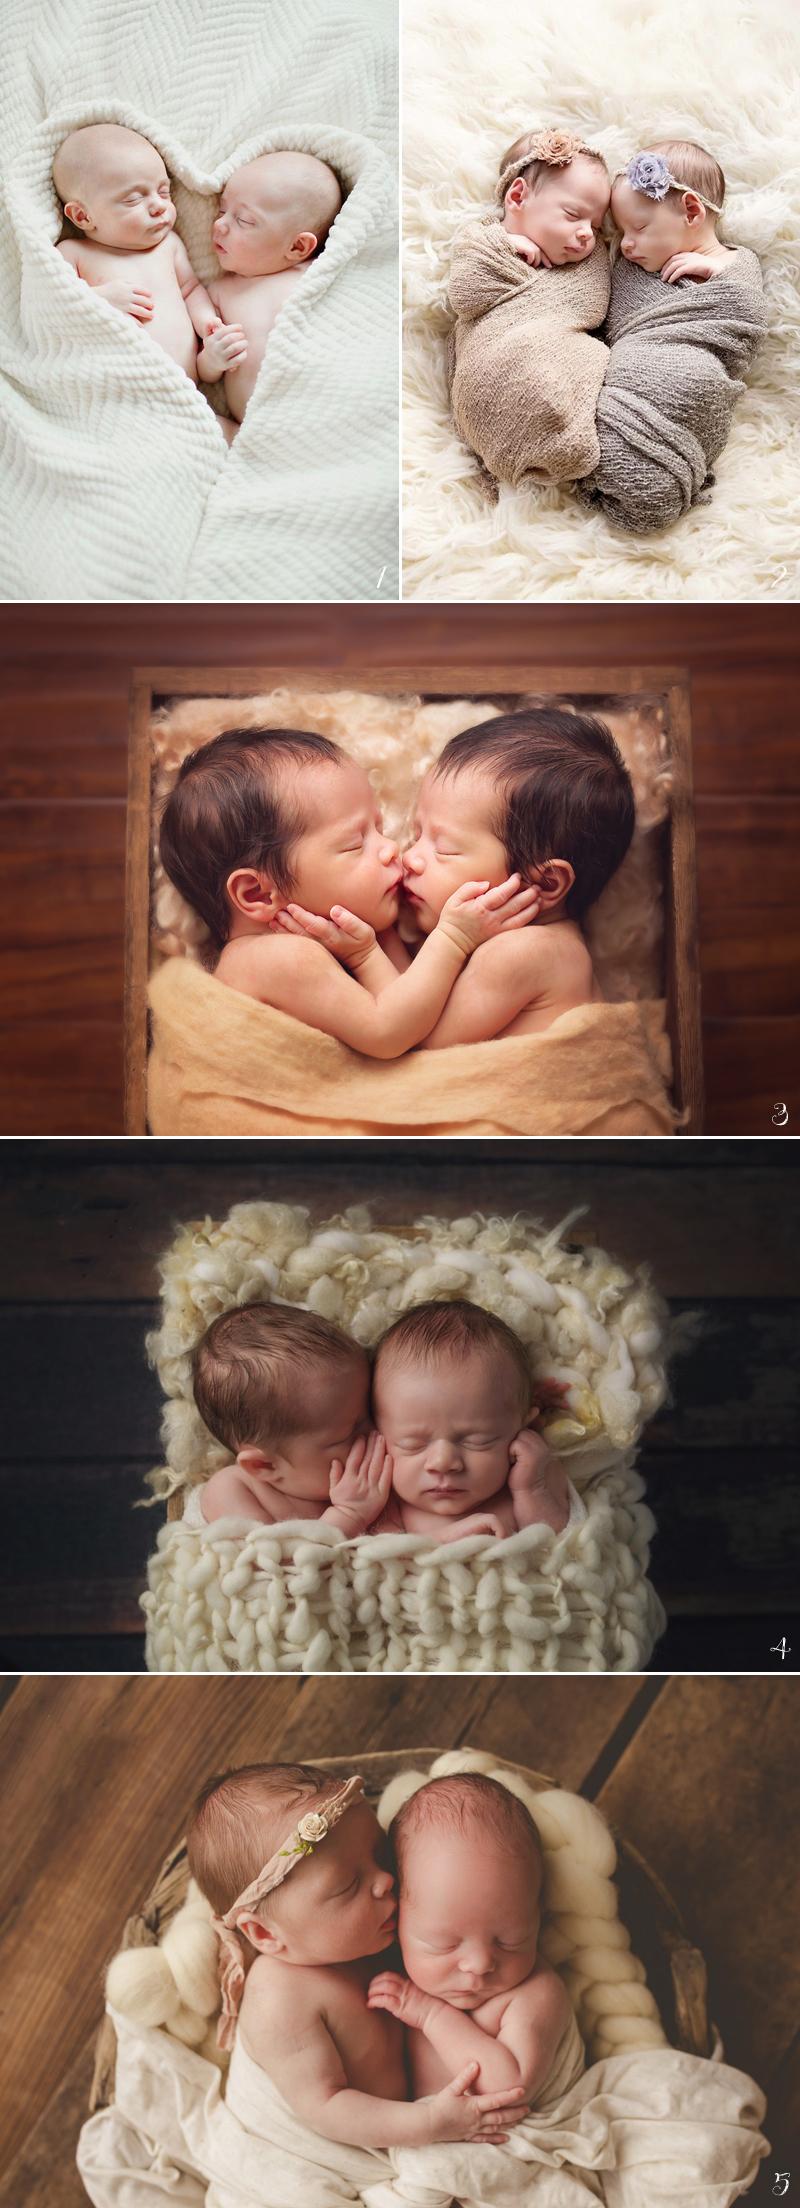 twins01-soulmates